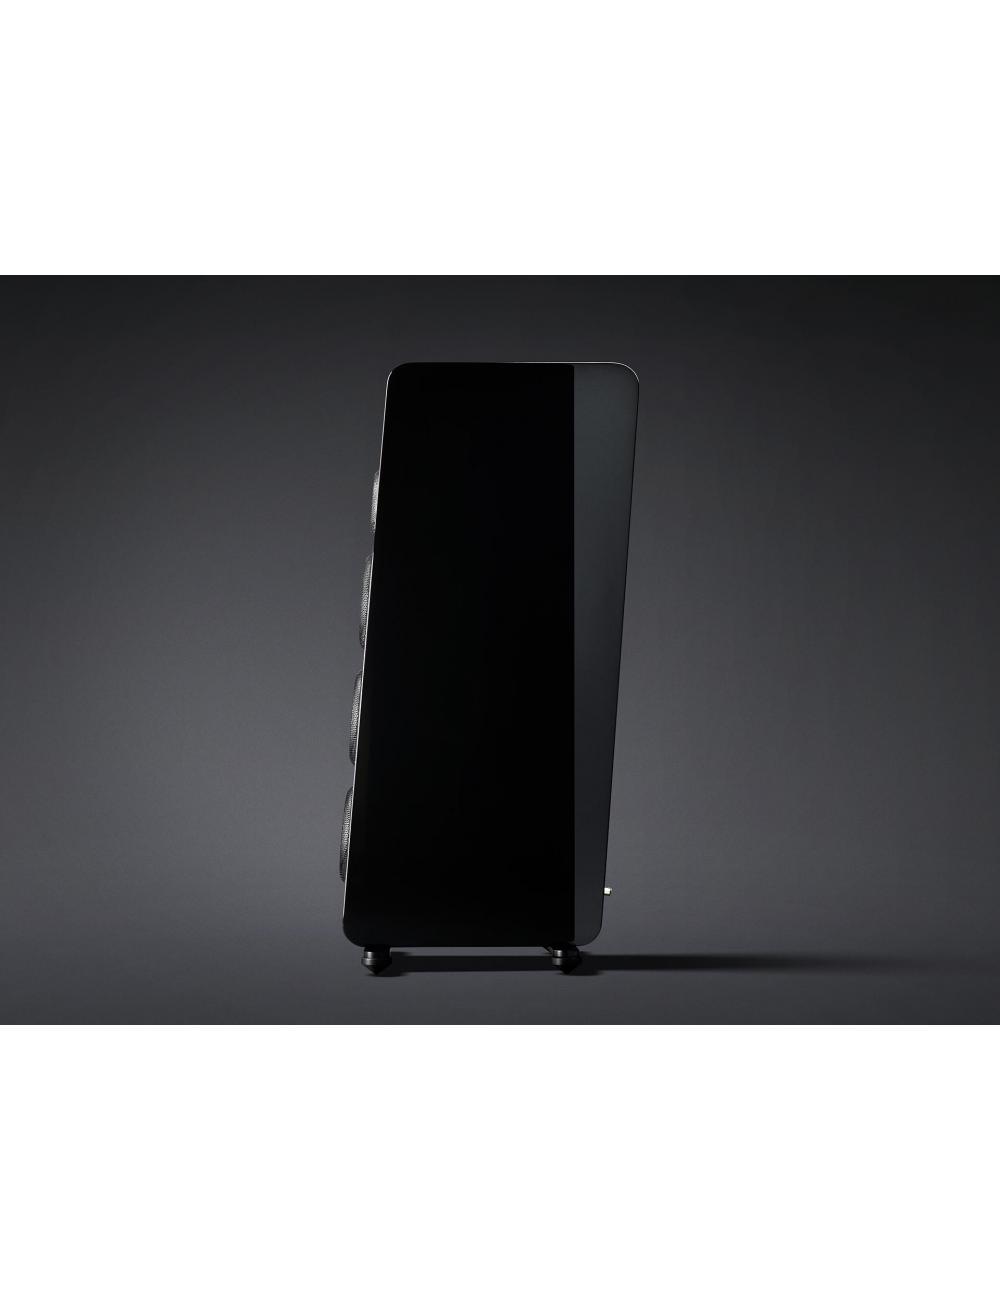 diffusori acustici da pavimento per hifi, Marten Django L, finitura black gloss, vista laterale